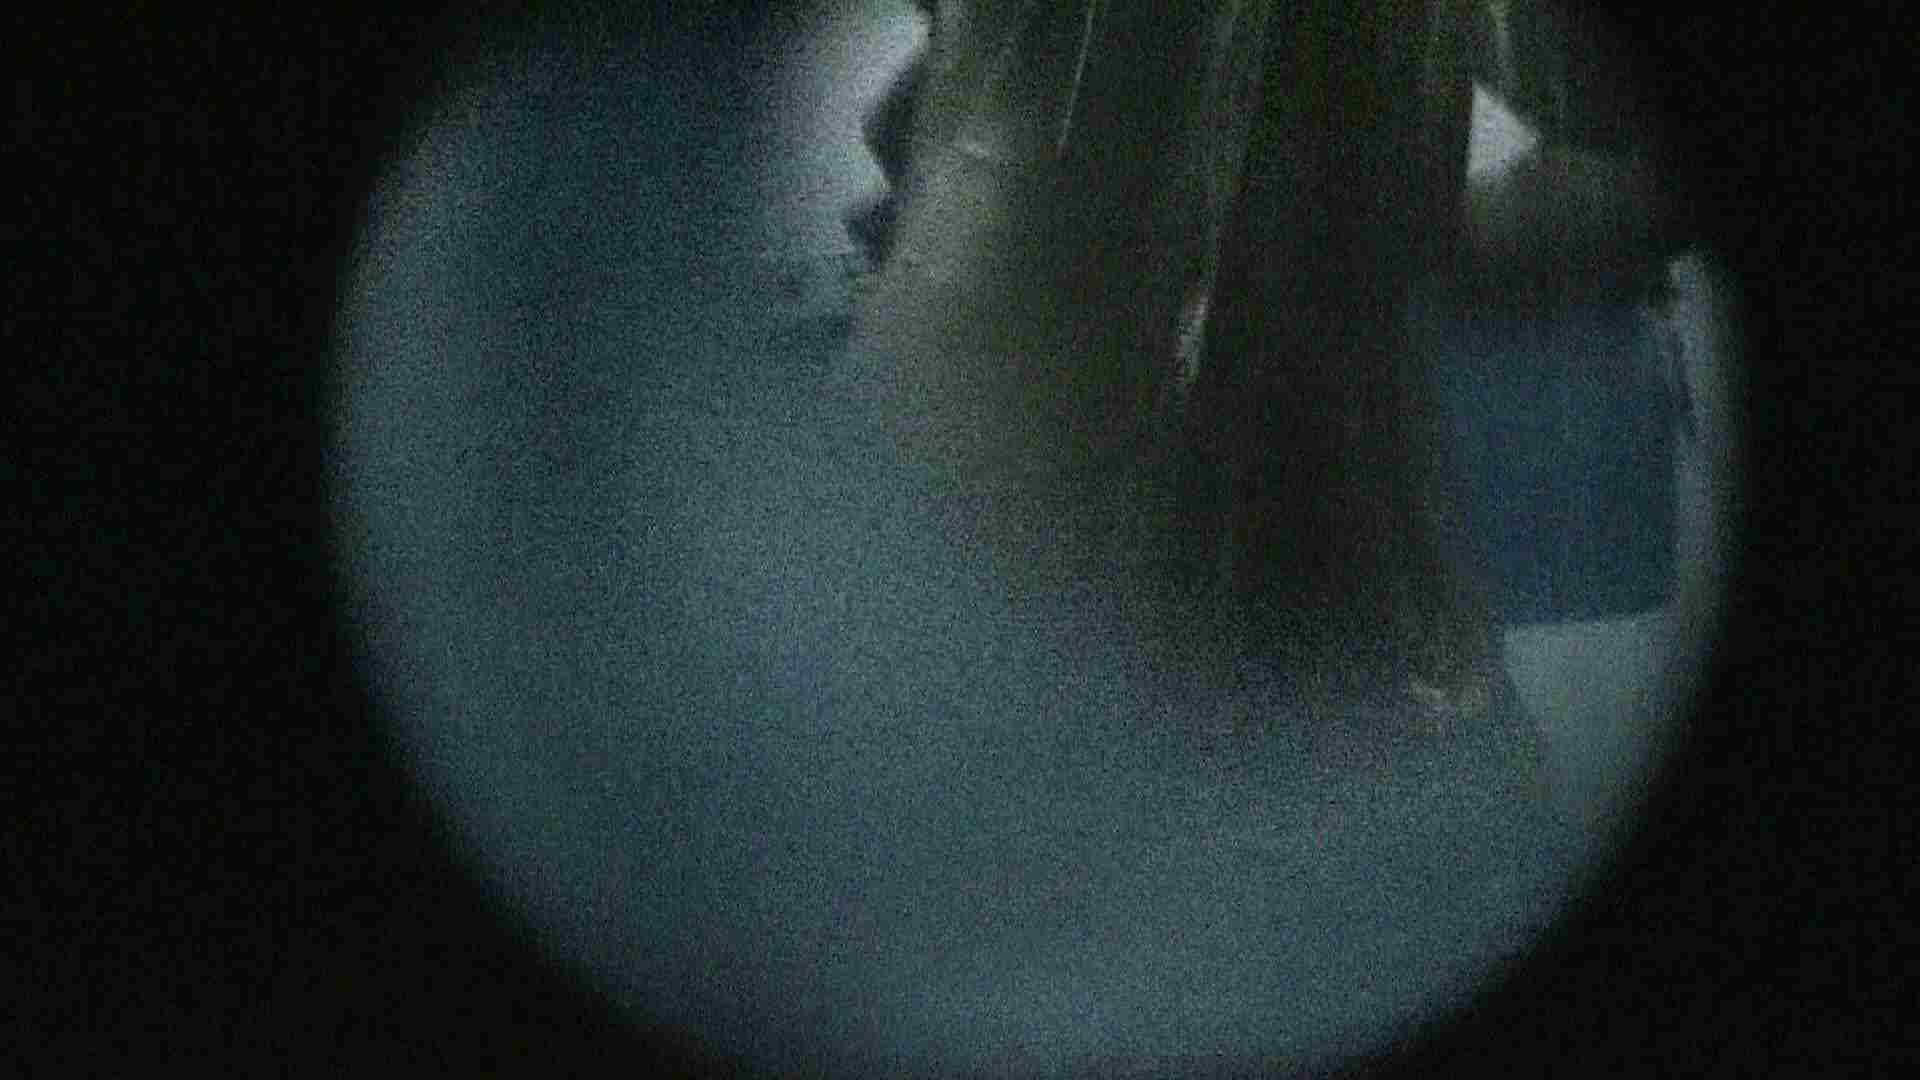 NO.13 暗いですが豪快な砂落としが好印象 シャワー室  89pic 74